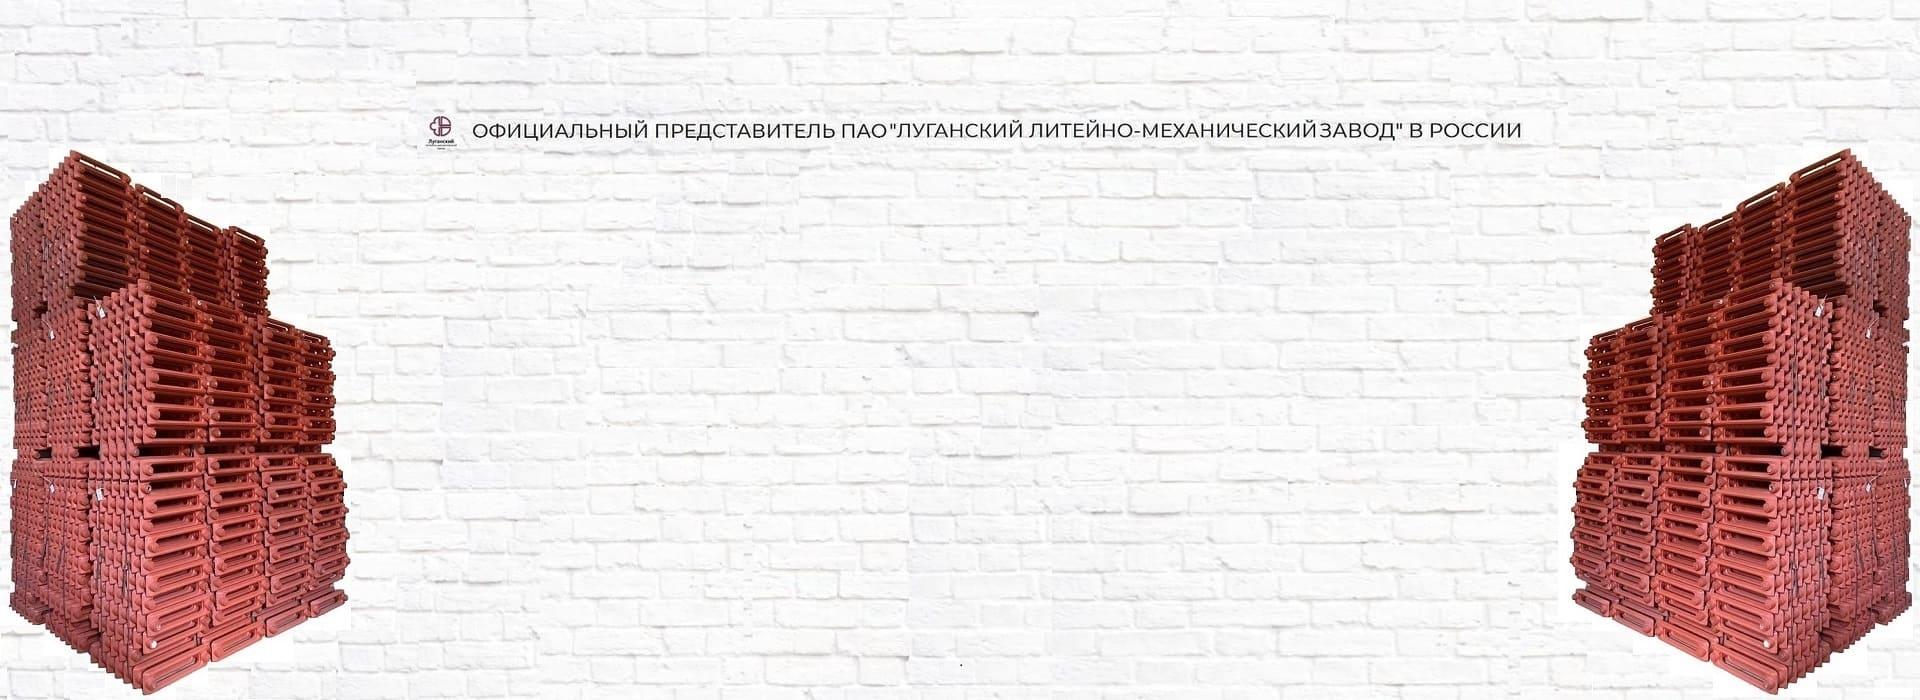 ЧУГУННЫЕ РАДИАТОРЫ МС-140 ГОСТ31311-2005